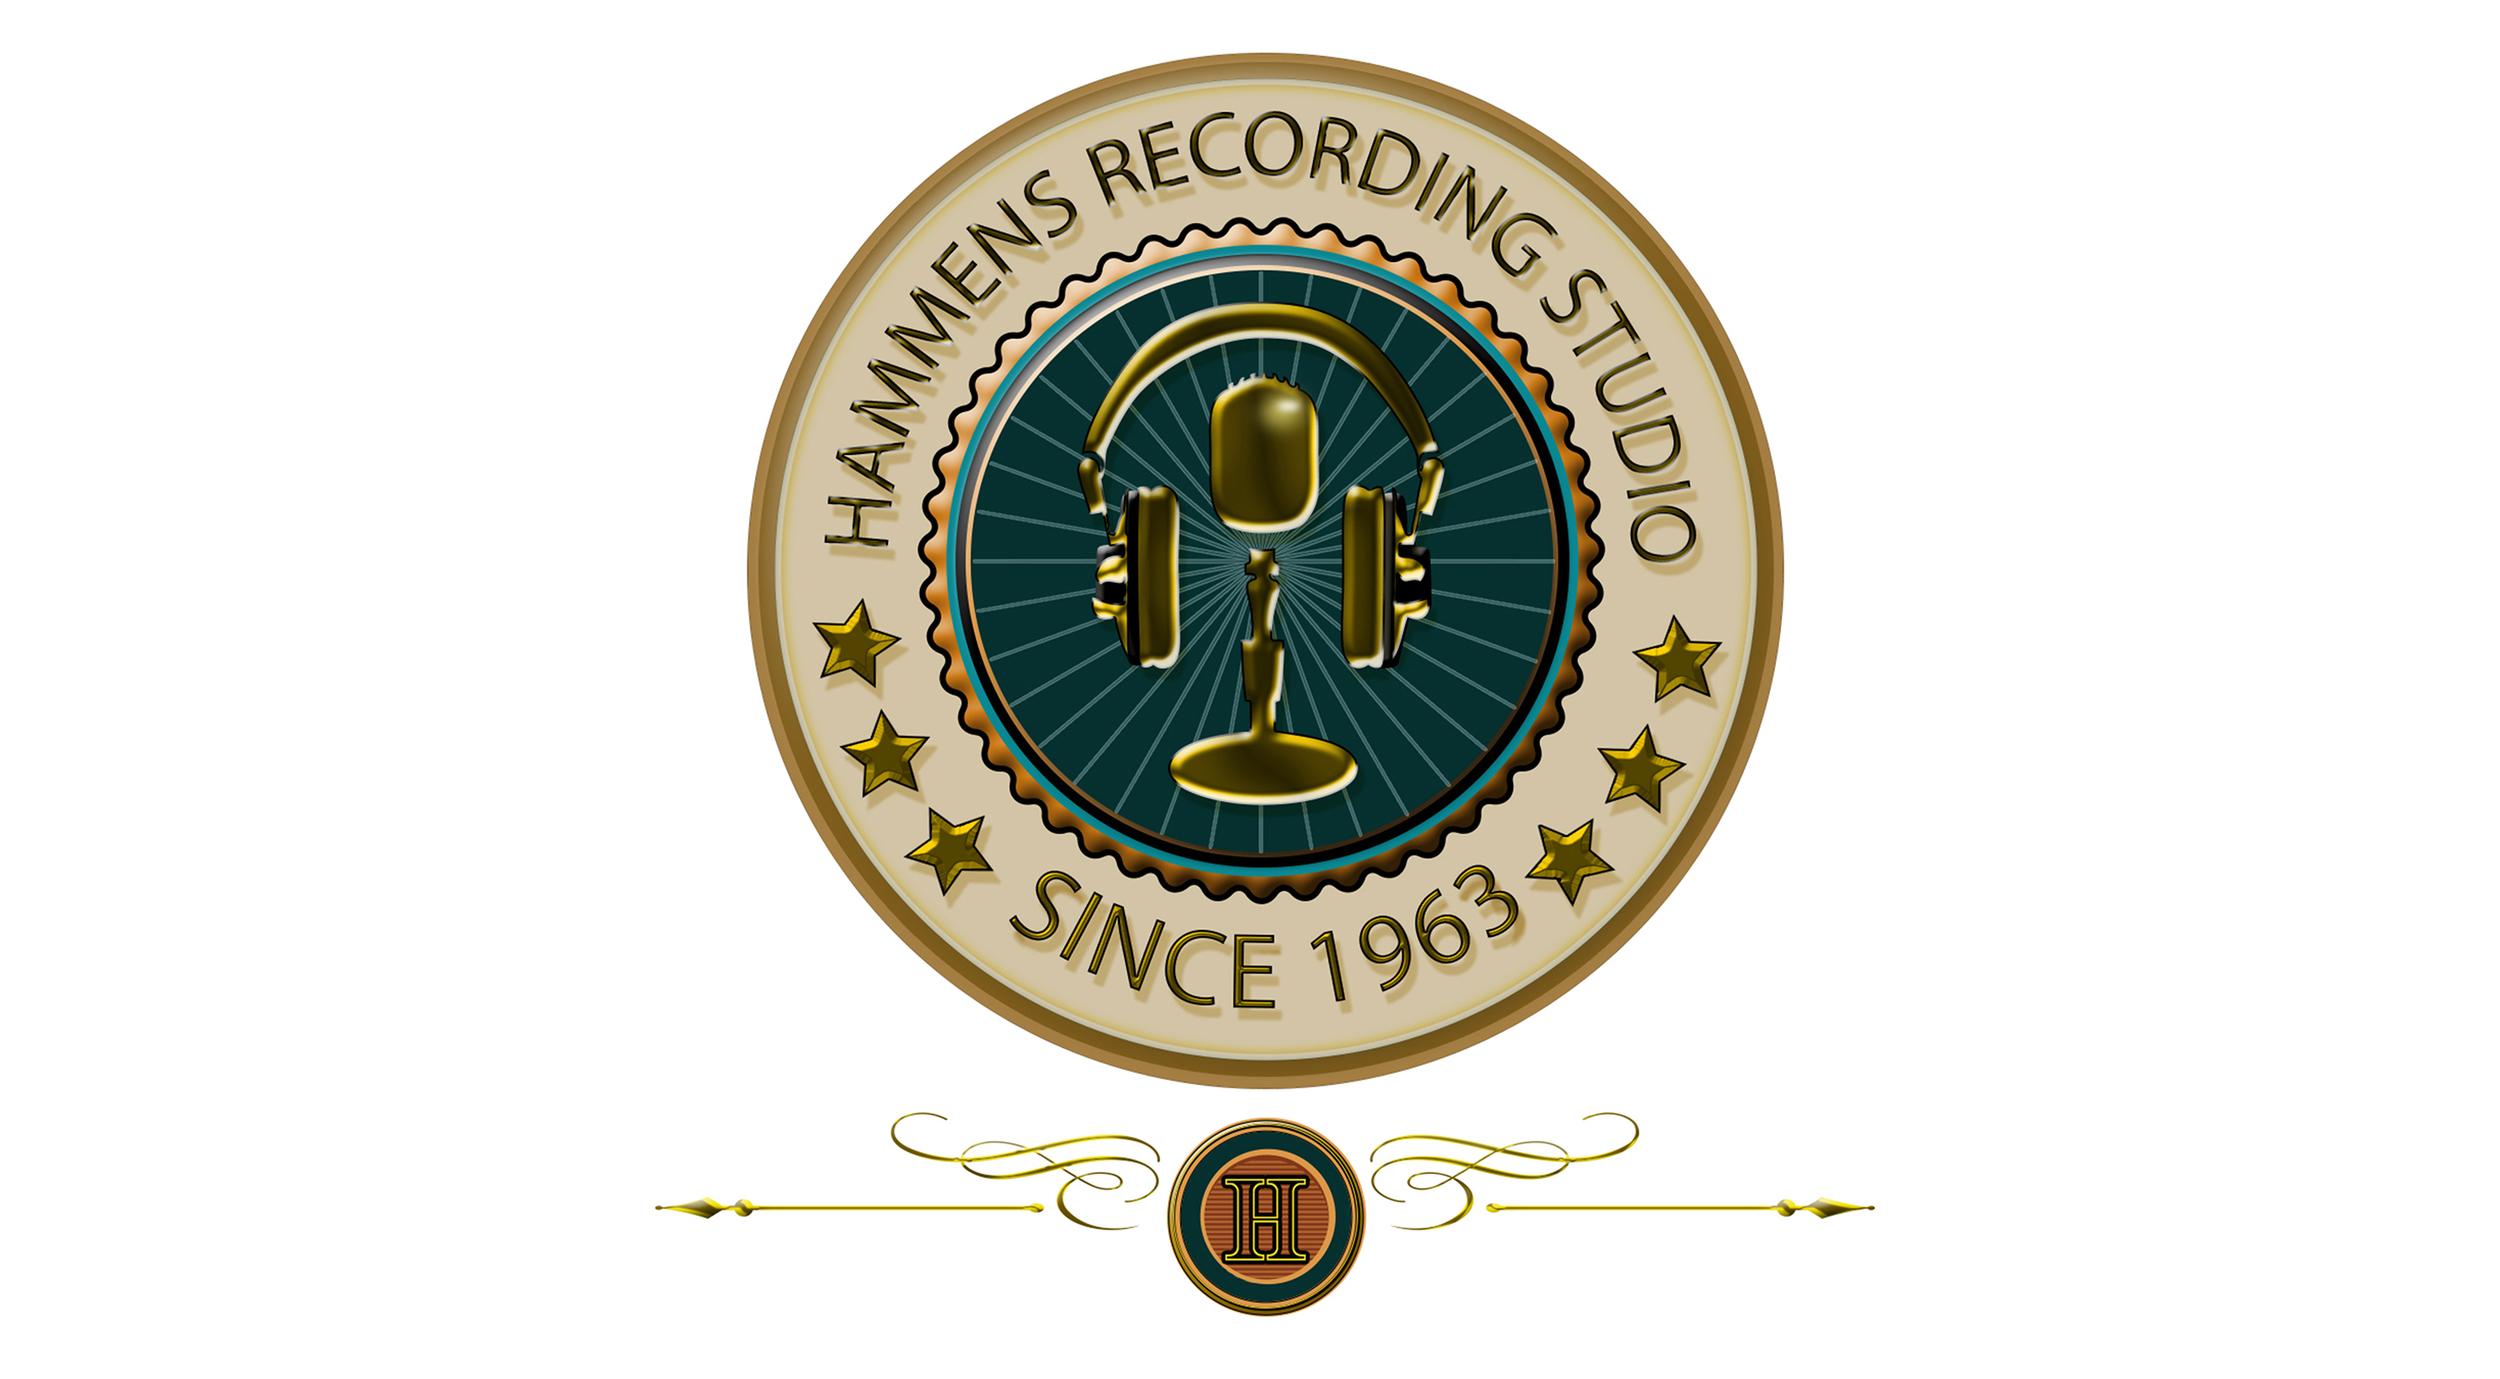 6 HAMMENS RECORDING.jpg